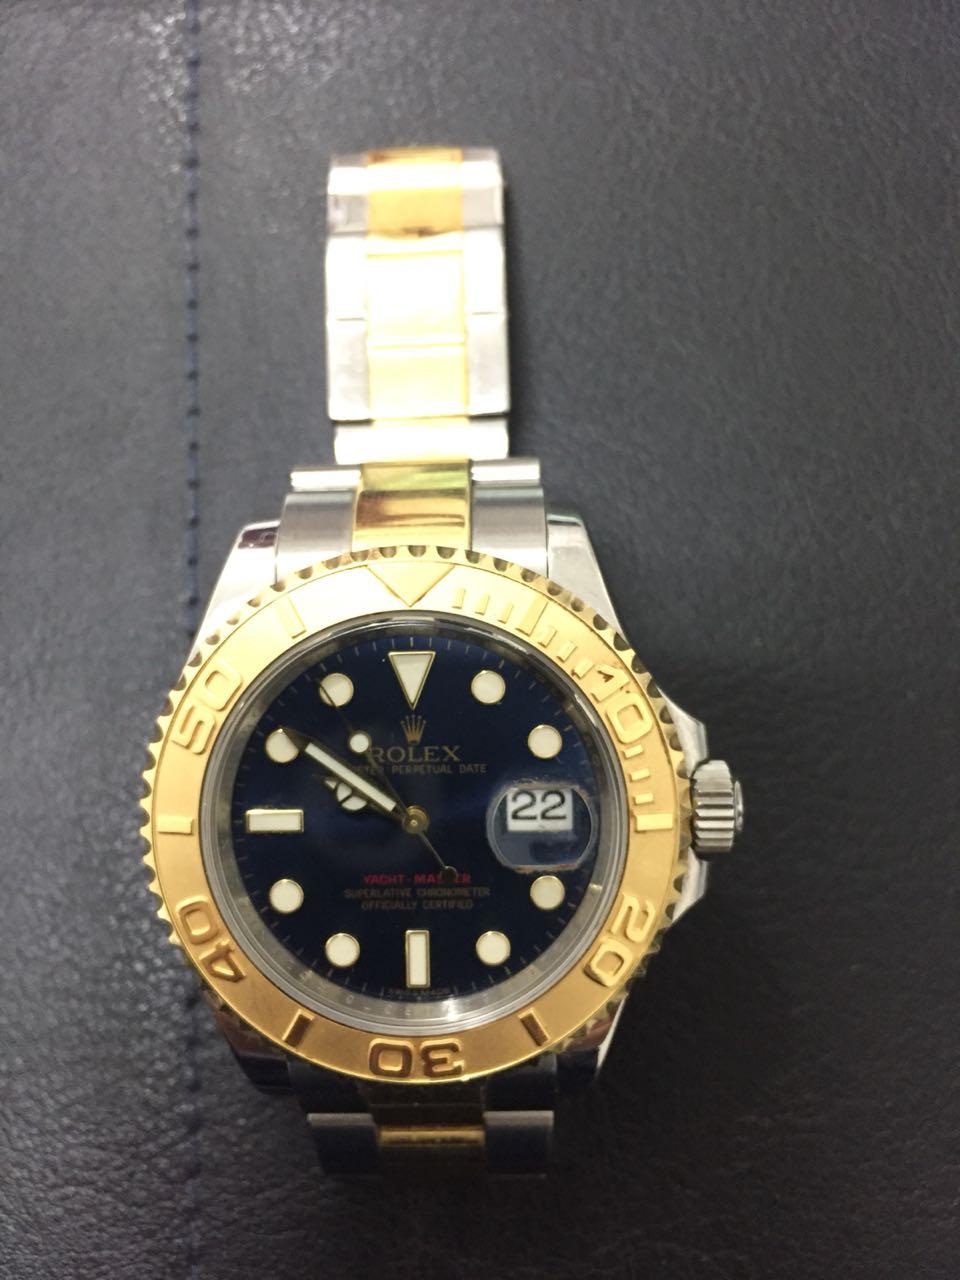 033dd502629 NATAL - Políciais recuperam relógio Rolex no valor de R  50 mil ...